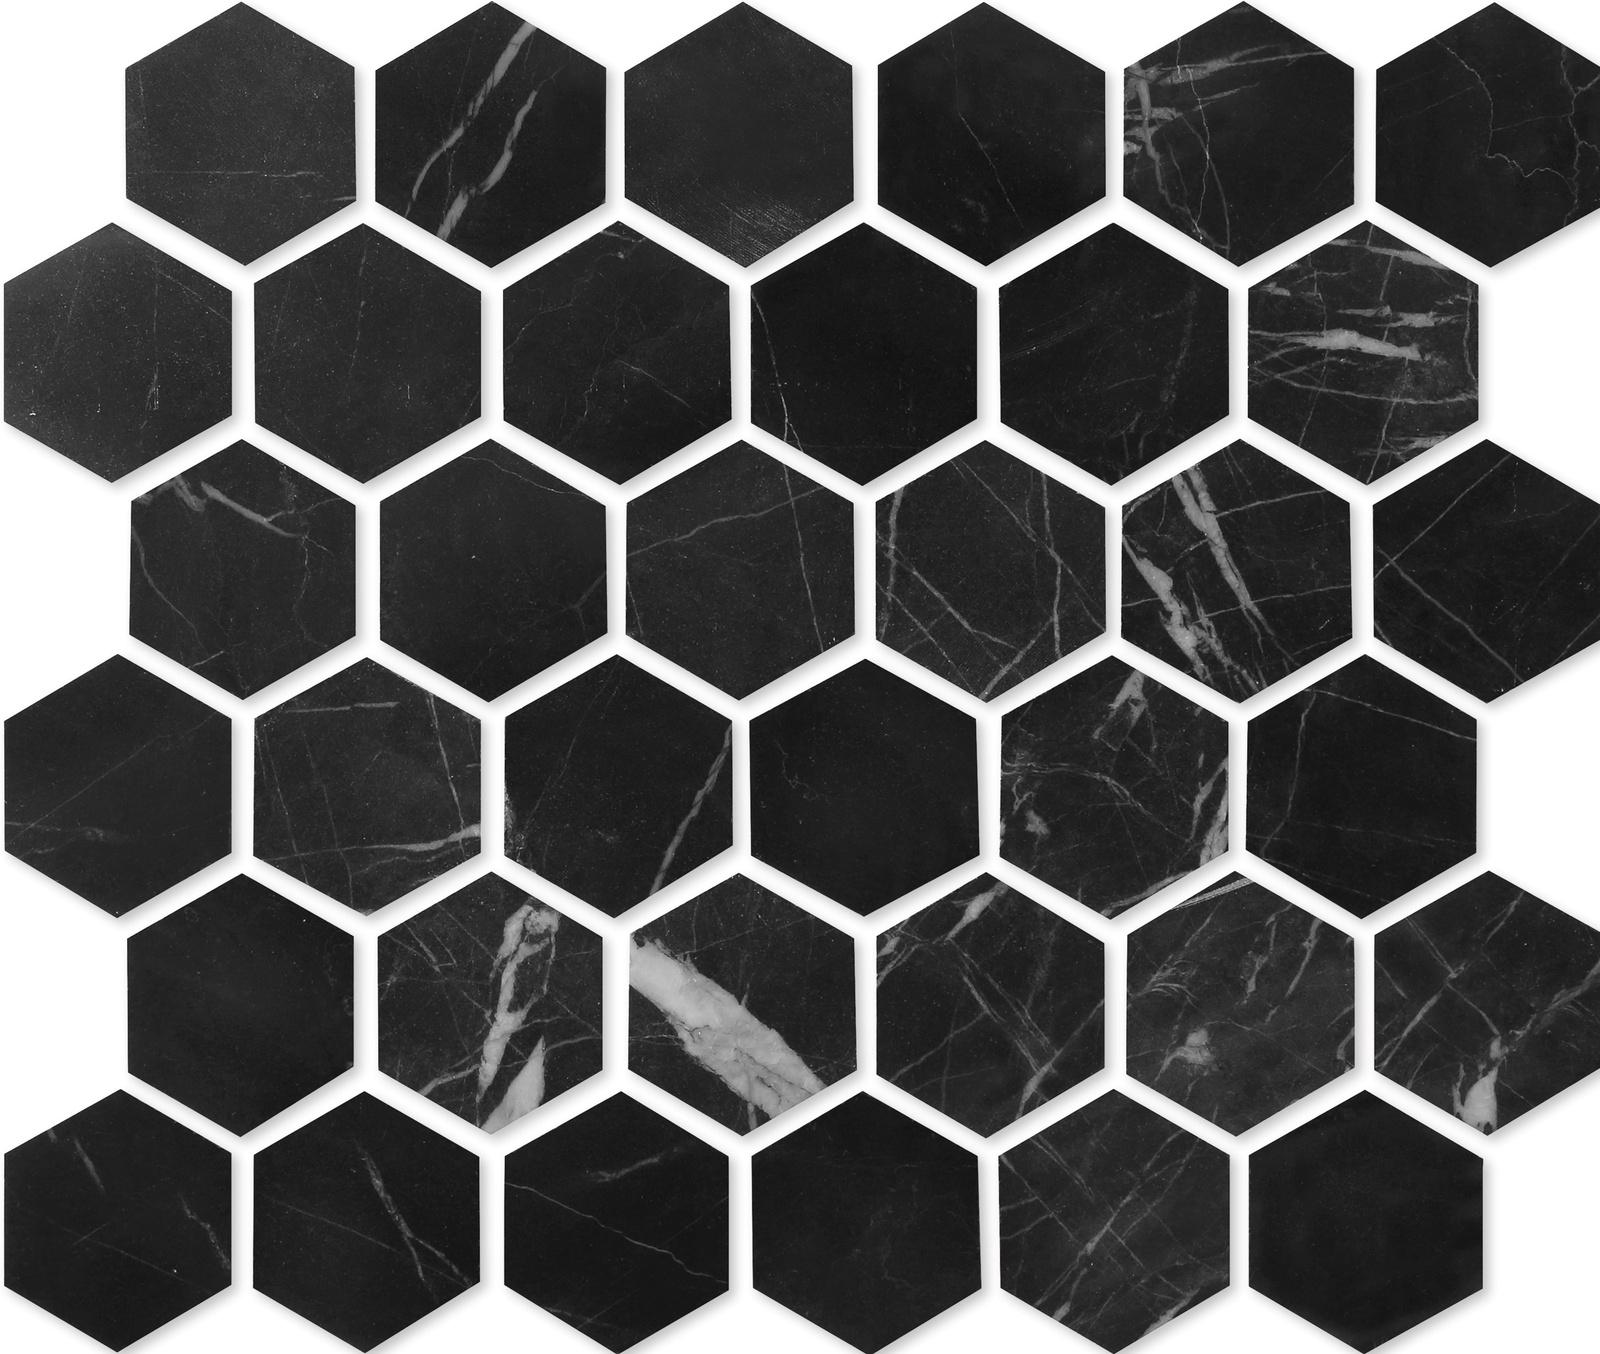 Мозаика из натурального камня Nero marquina HEXAGONE POL 48x48x7 настенная плитка atlas concorde marvel stone nero marquina 50x110